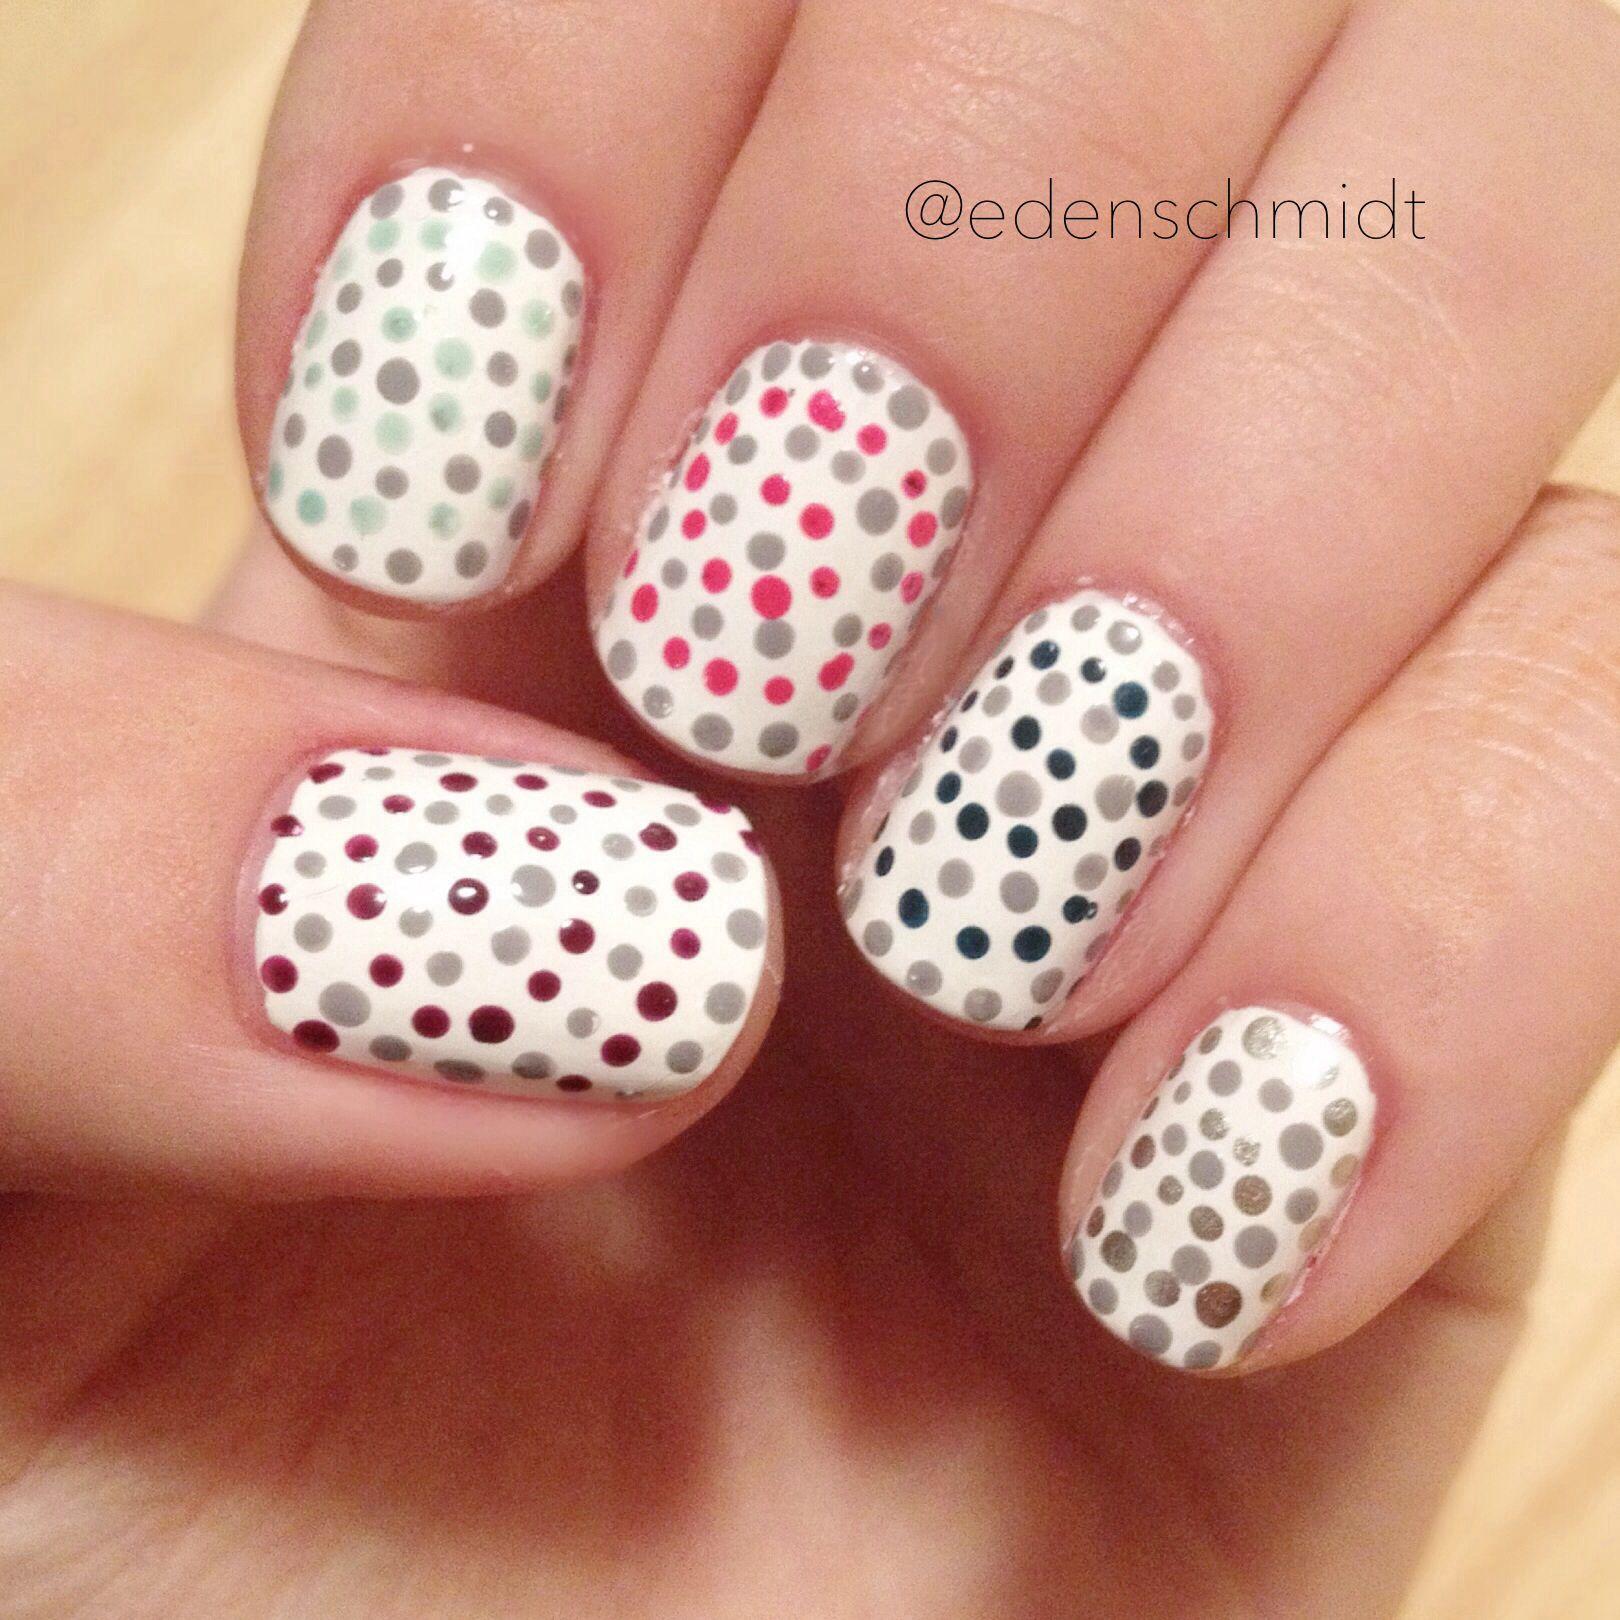 polka dot nail art | MakeUp, Hair & Nails | Pinterest | Dot nail art ...